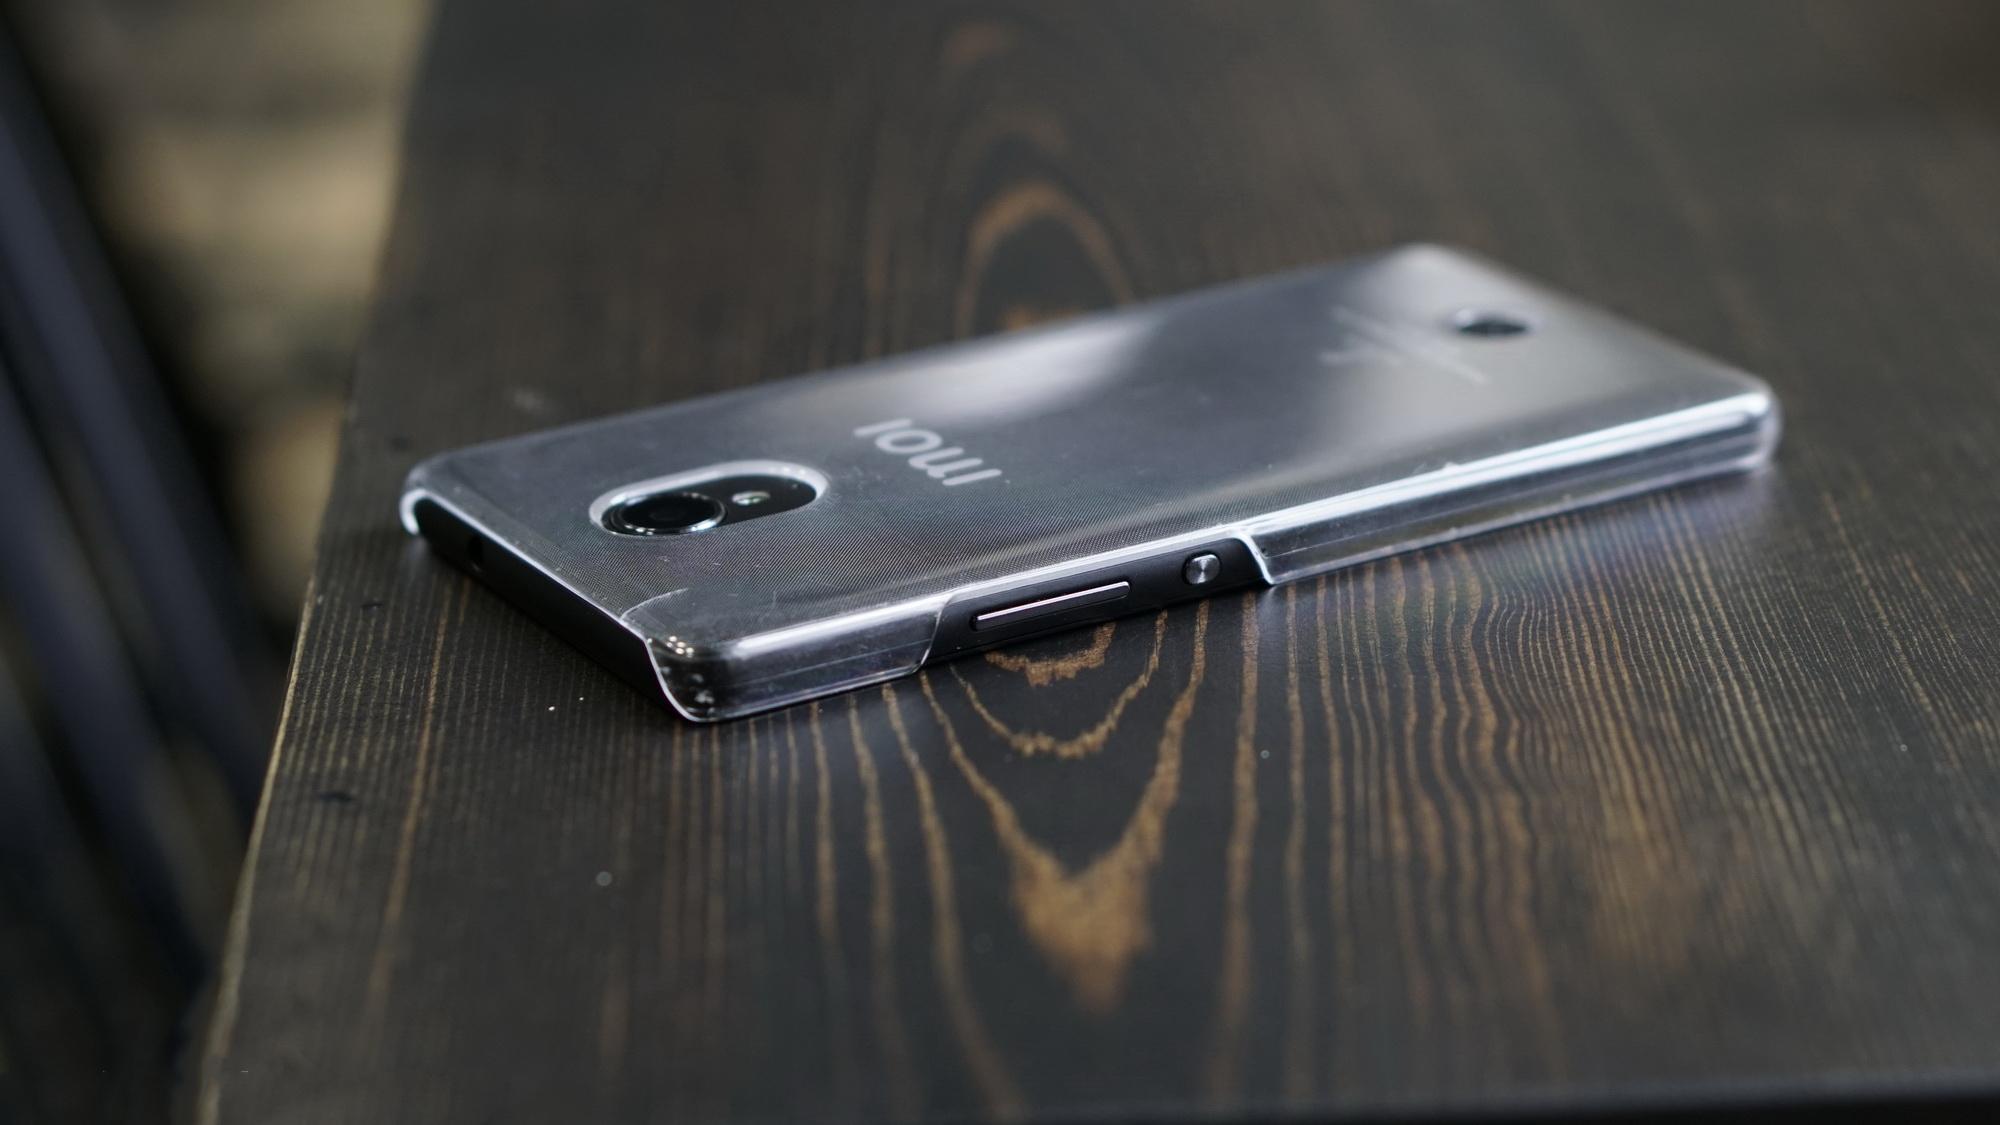 Обзор Inoi R7: необычный смартфон с российским происхождением на системе Sailfish OS Другие устройства  - inoi_r7_obzor_10